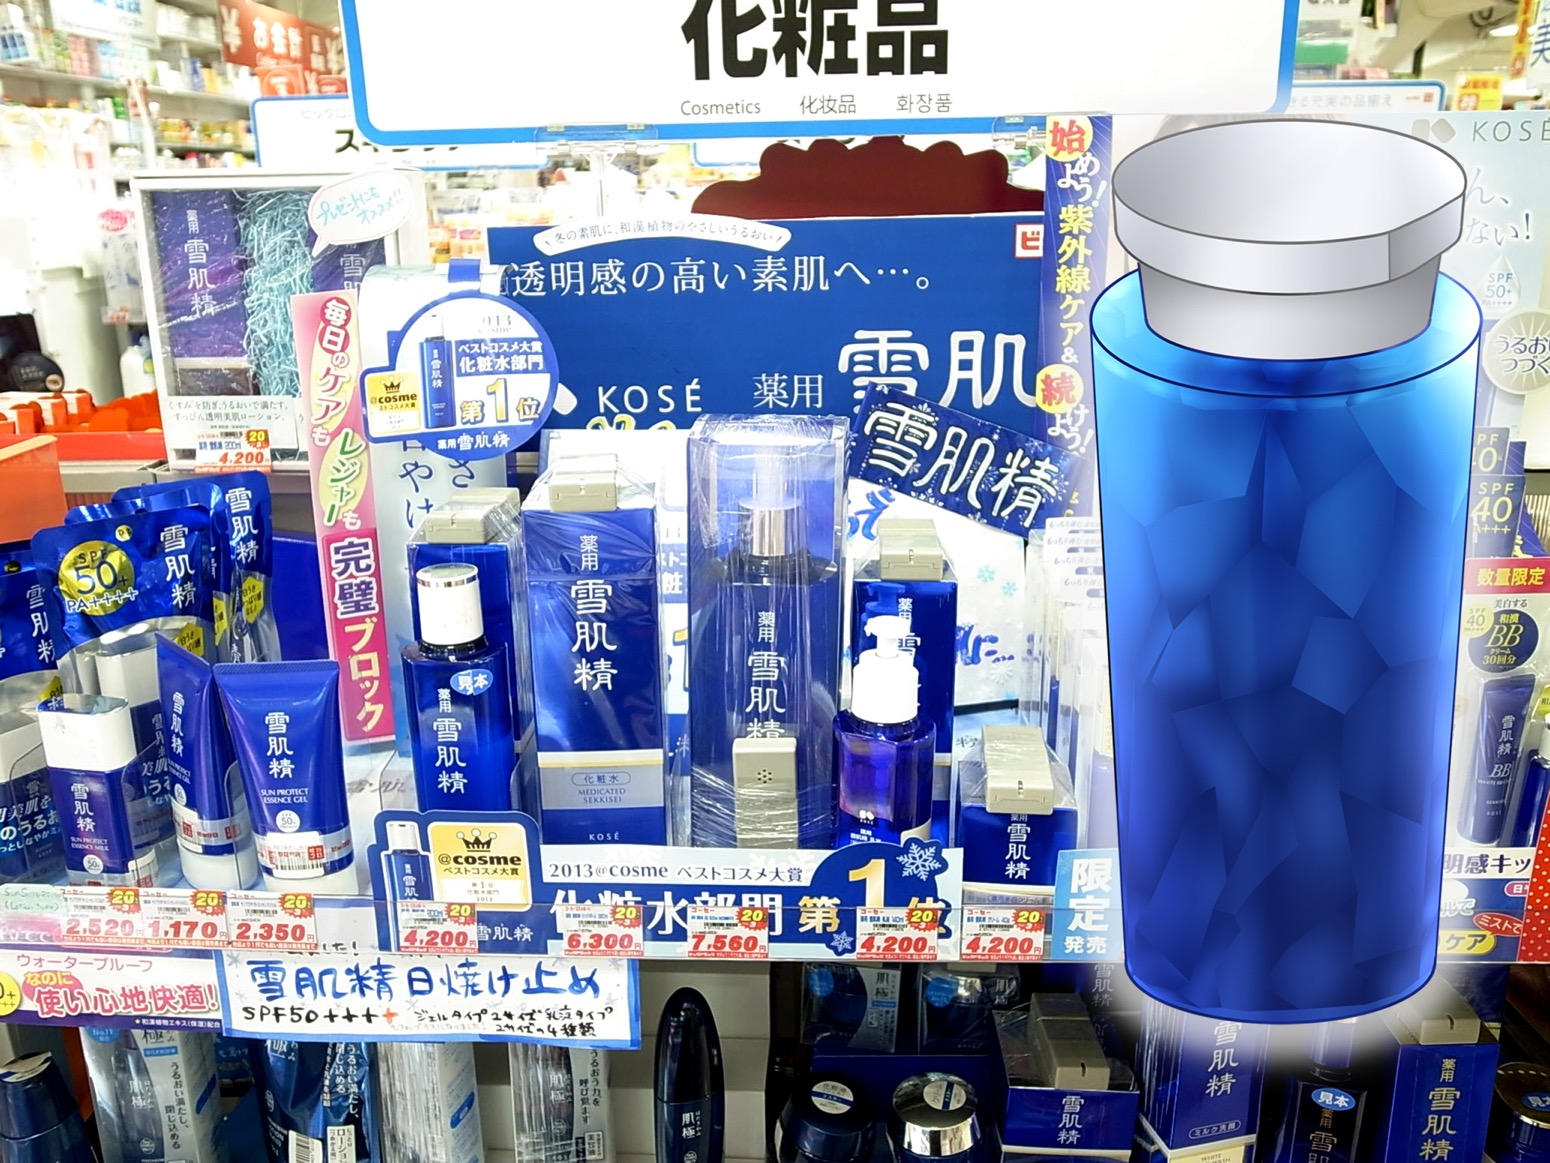 BICCAMERA Tenjin 2nd Store